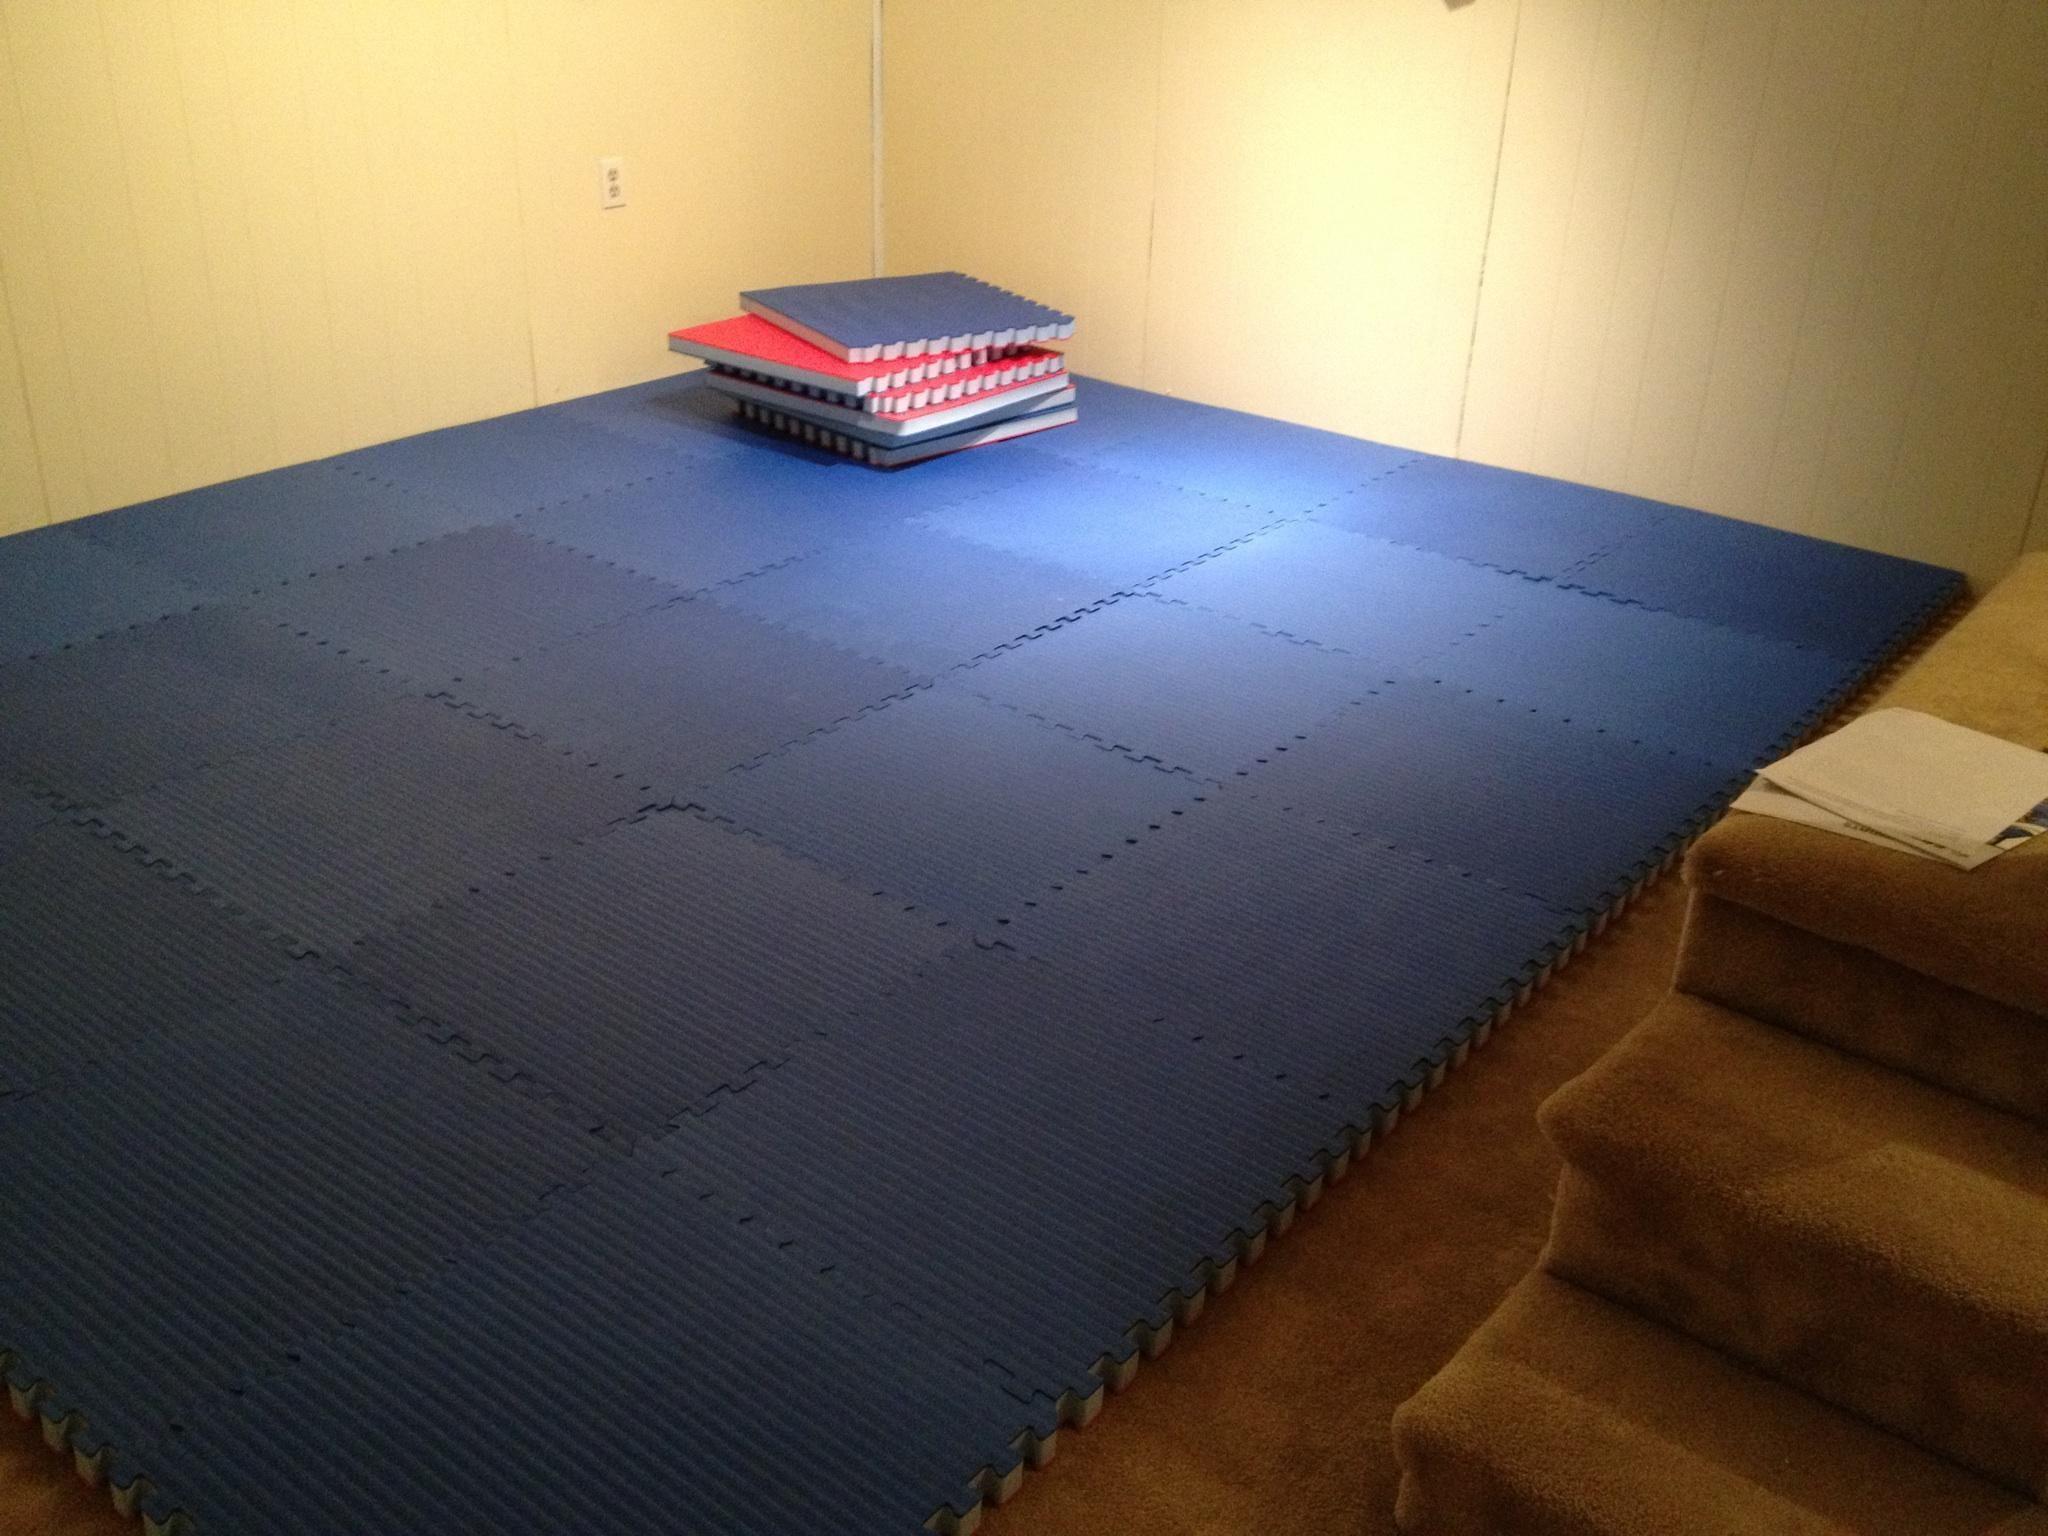 Home Bjj Mats Grappling Mma Judo 1 5 Inch X 2x2 Ft Puzzle Mat In 2020 Bjj Mat Martial Arts Mats Mma Mat